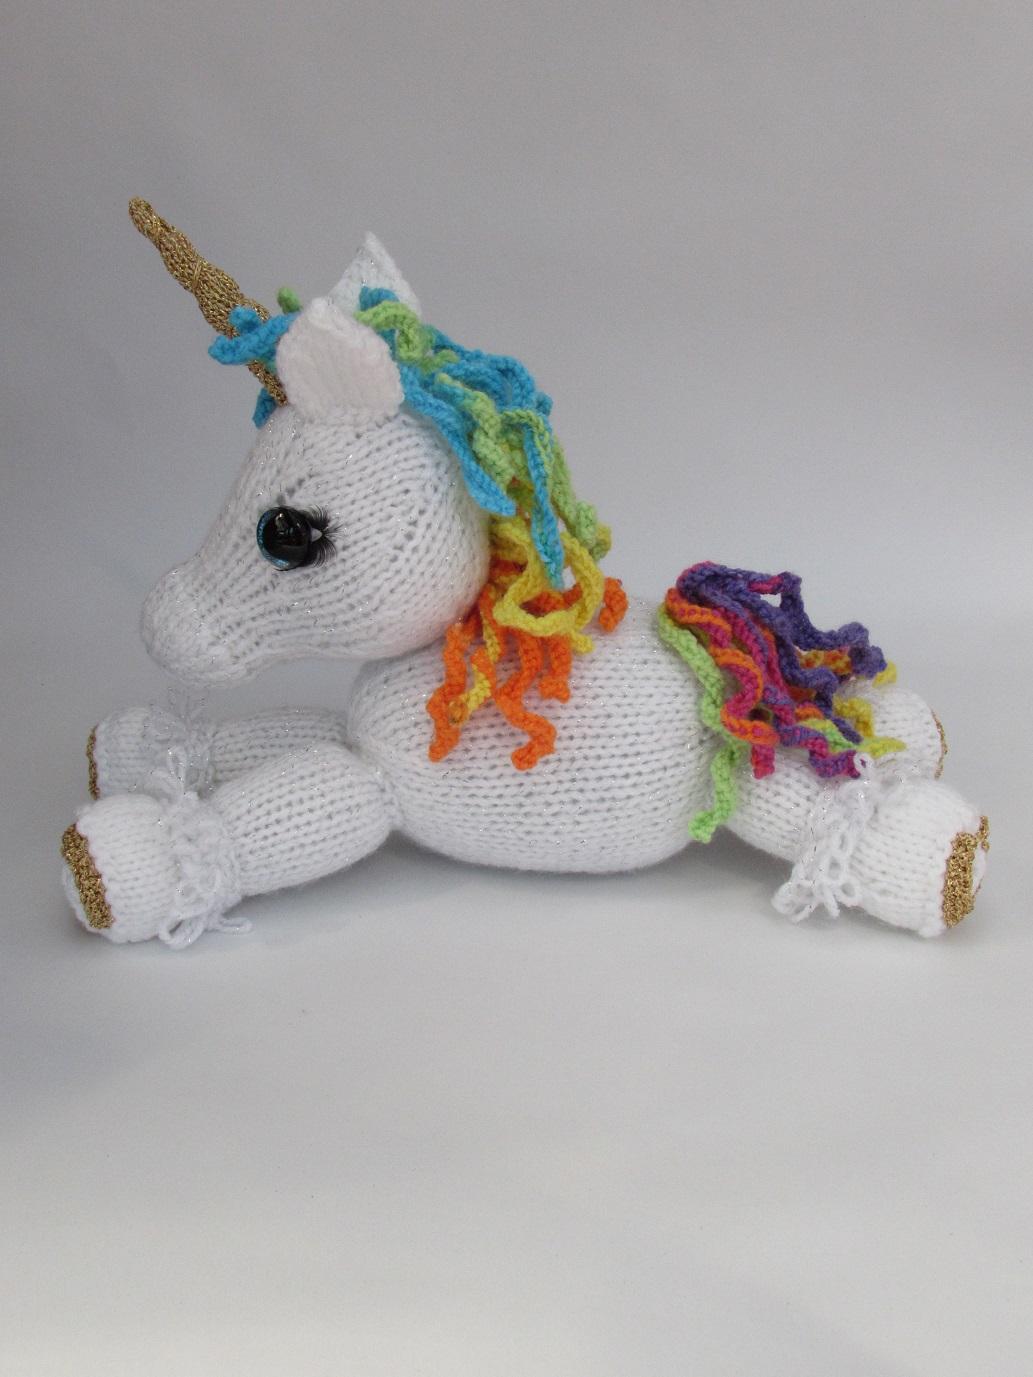 Unicorn Knitting Pattern Uk : Unicorn tea cosy knitting pattern